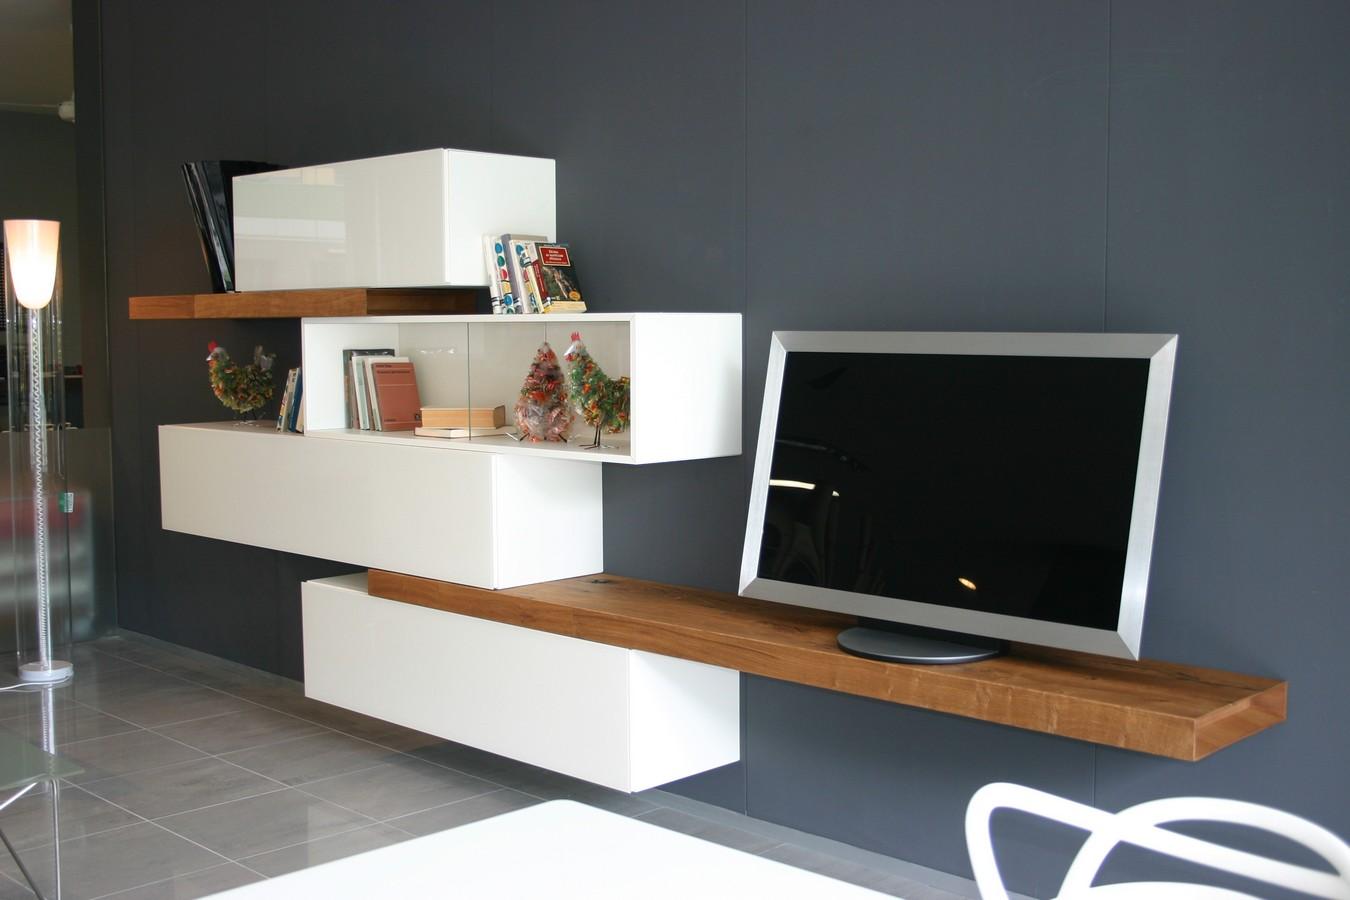 Soggiorni Classici Ikea Nuovo Porta Tv Ikea Patas Muebles